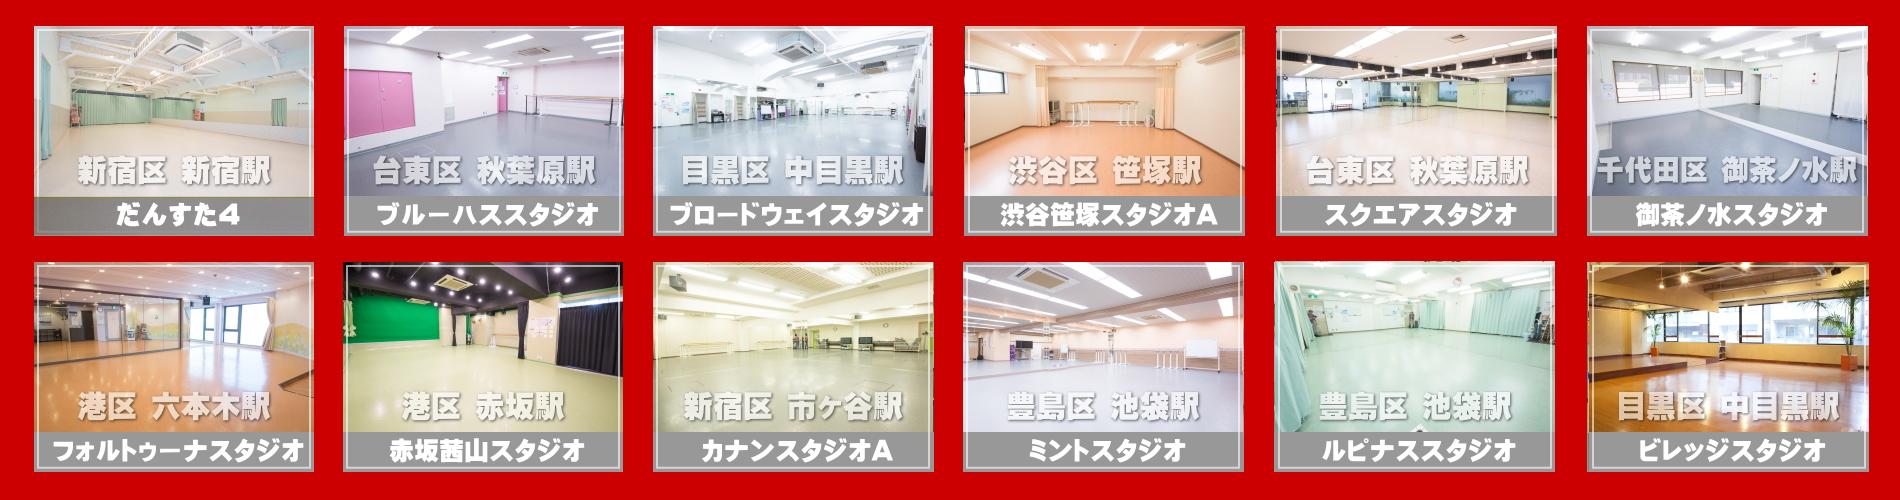 東京のレンタルスタジオ3